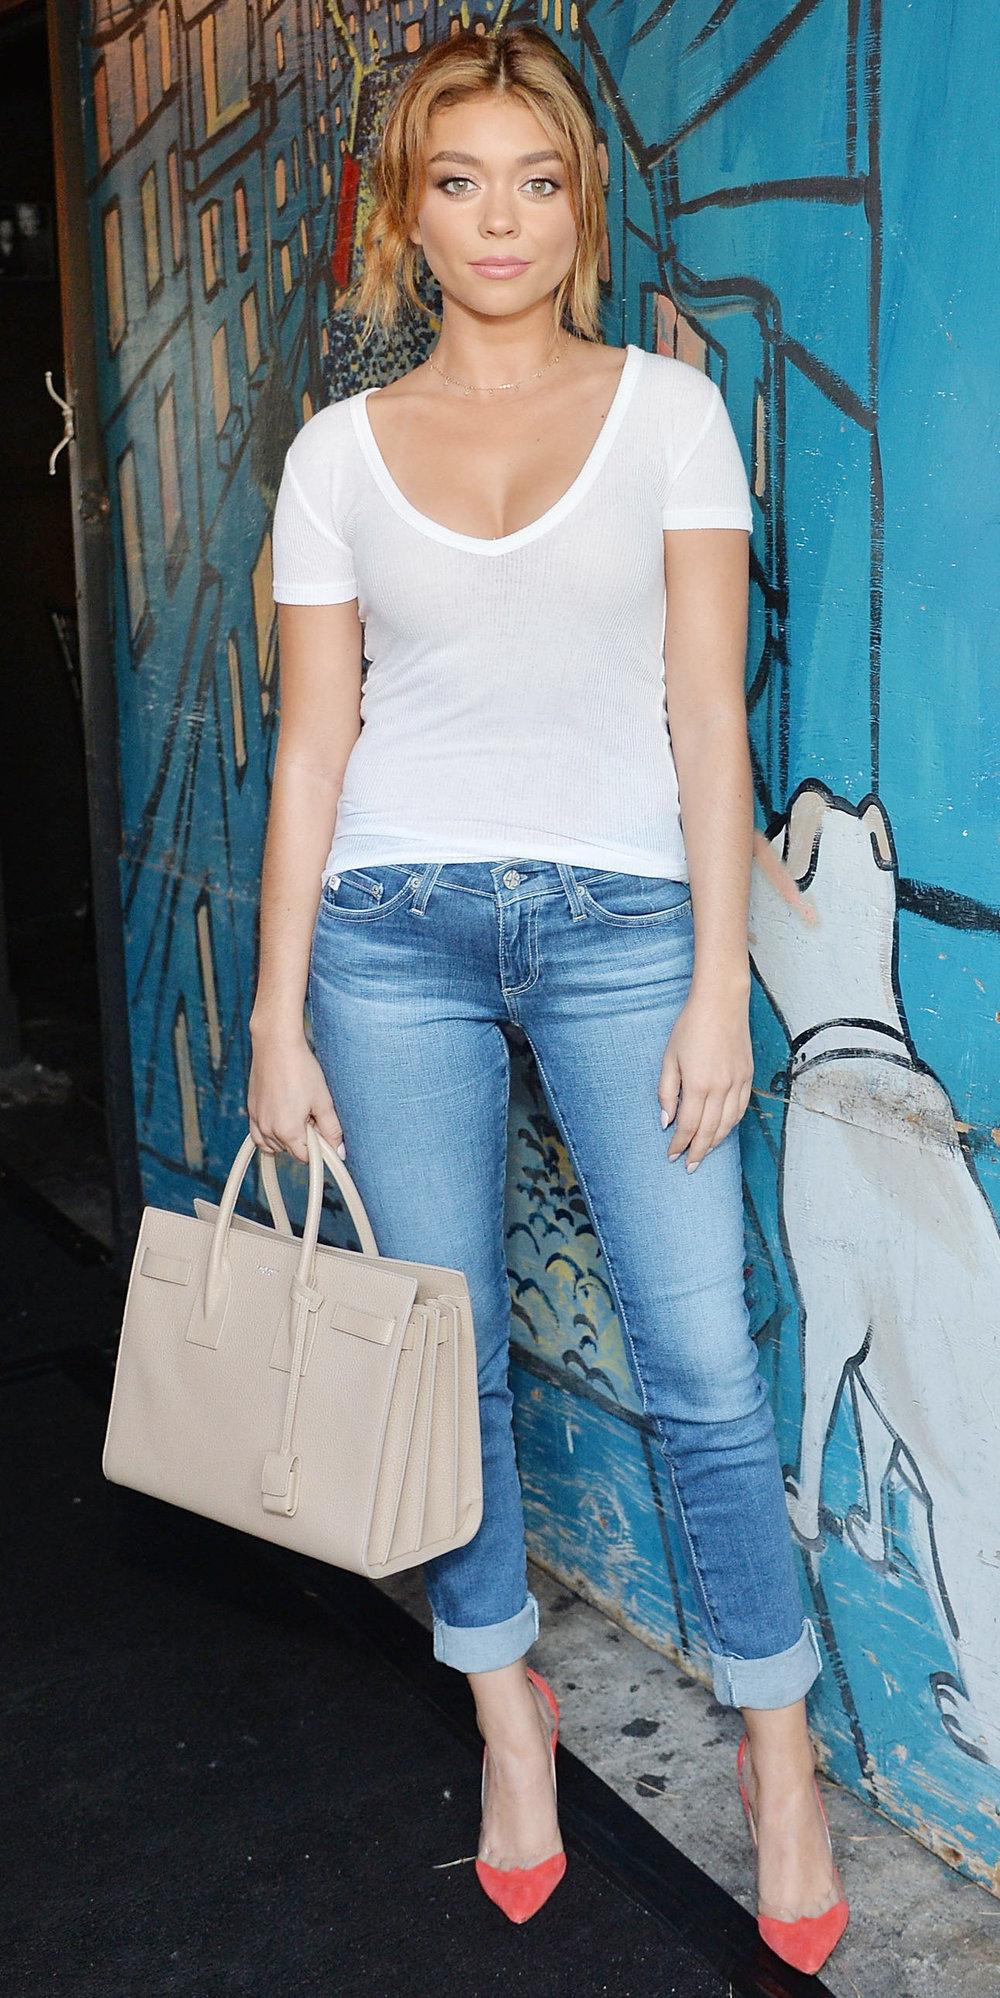 092116-skinny-jeans-sarah.jpg